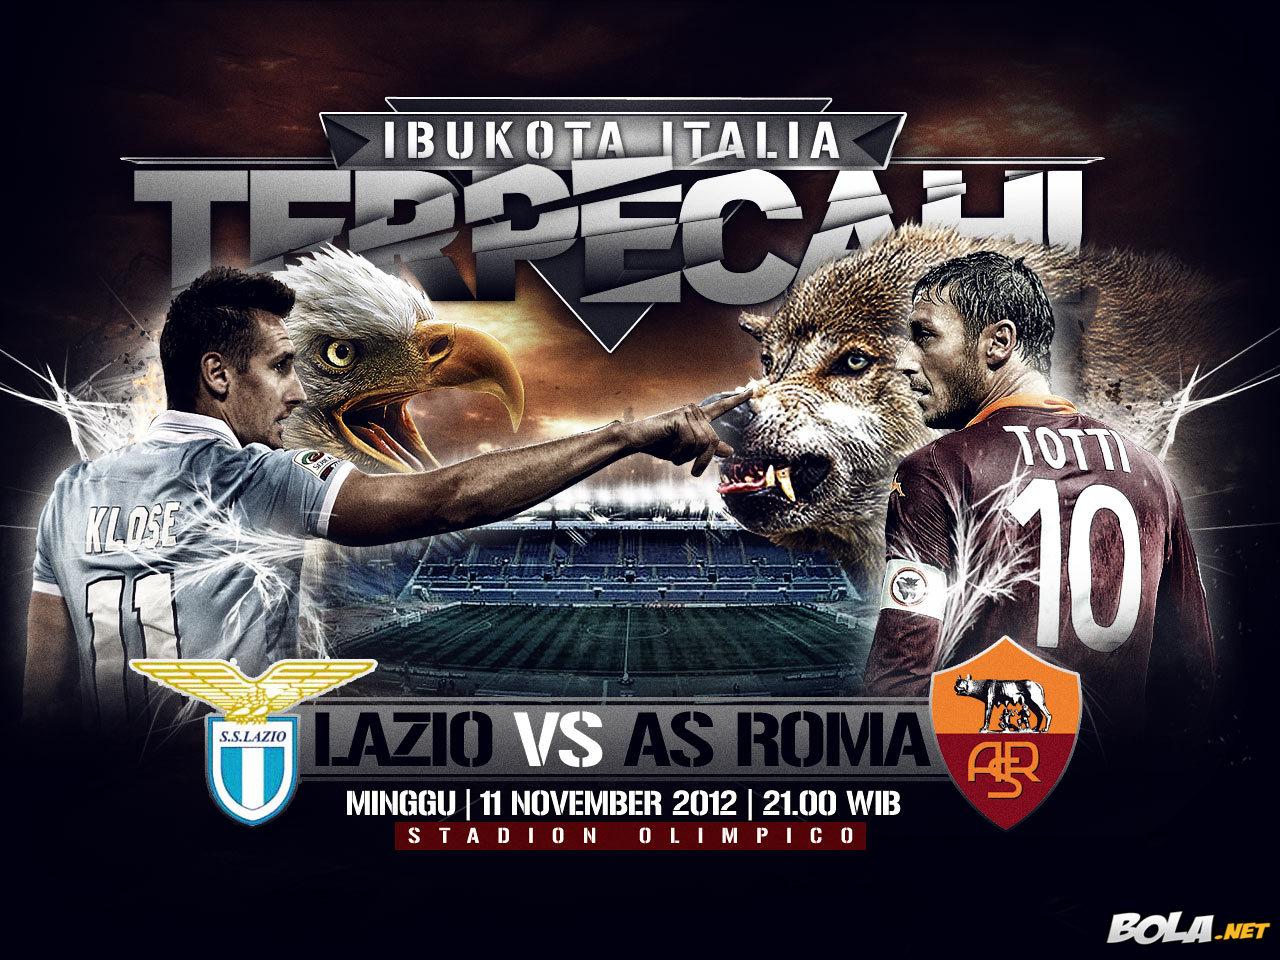 PREDIKSI LAZIO VS AS ROMA 11 NOPEMBER 2012